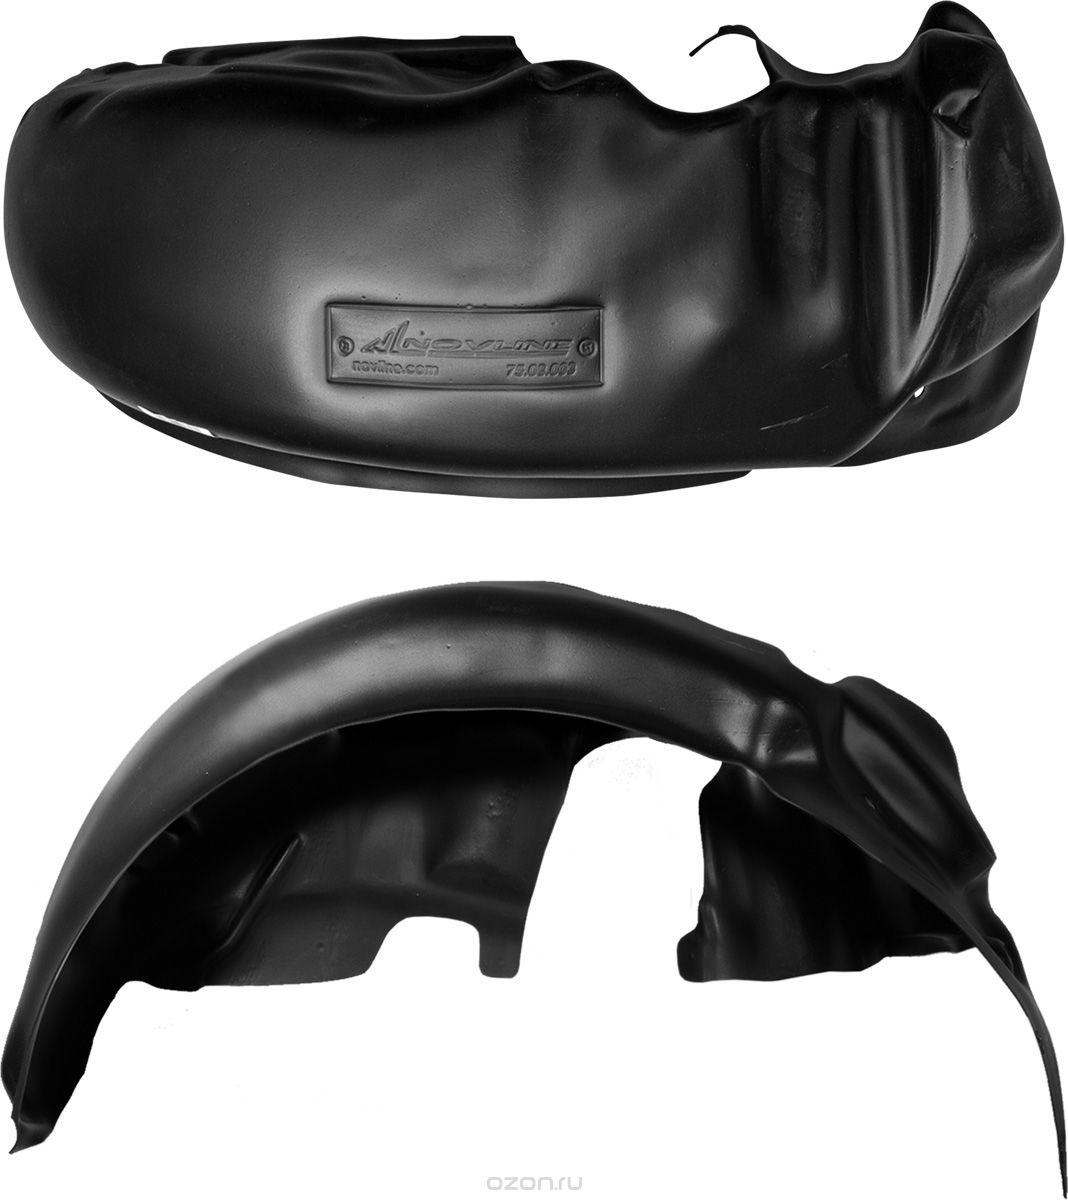 Подкрылок Novline-Autofamily, для Нива 4х4, 2009->, передний левыйNLL.52.20.001Идеальная защита колесной ниши. Локеры разработаны с применением цифровых технологий, гарантируют максимальную повторяемость поверхности арки. Изделия устанавливаются без нарушения лакокрасочного покрытия автомобиля, каждый подкрылок комплектуется крепежом. Уважаемые клиенты, обращаем ваше внимание, что фотографии на подкрылки универсальные и не отражают реальную форму изделия. При этом само изделие идет точно под размер указанного автомобиля.